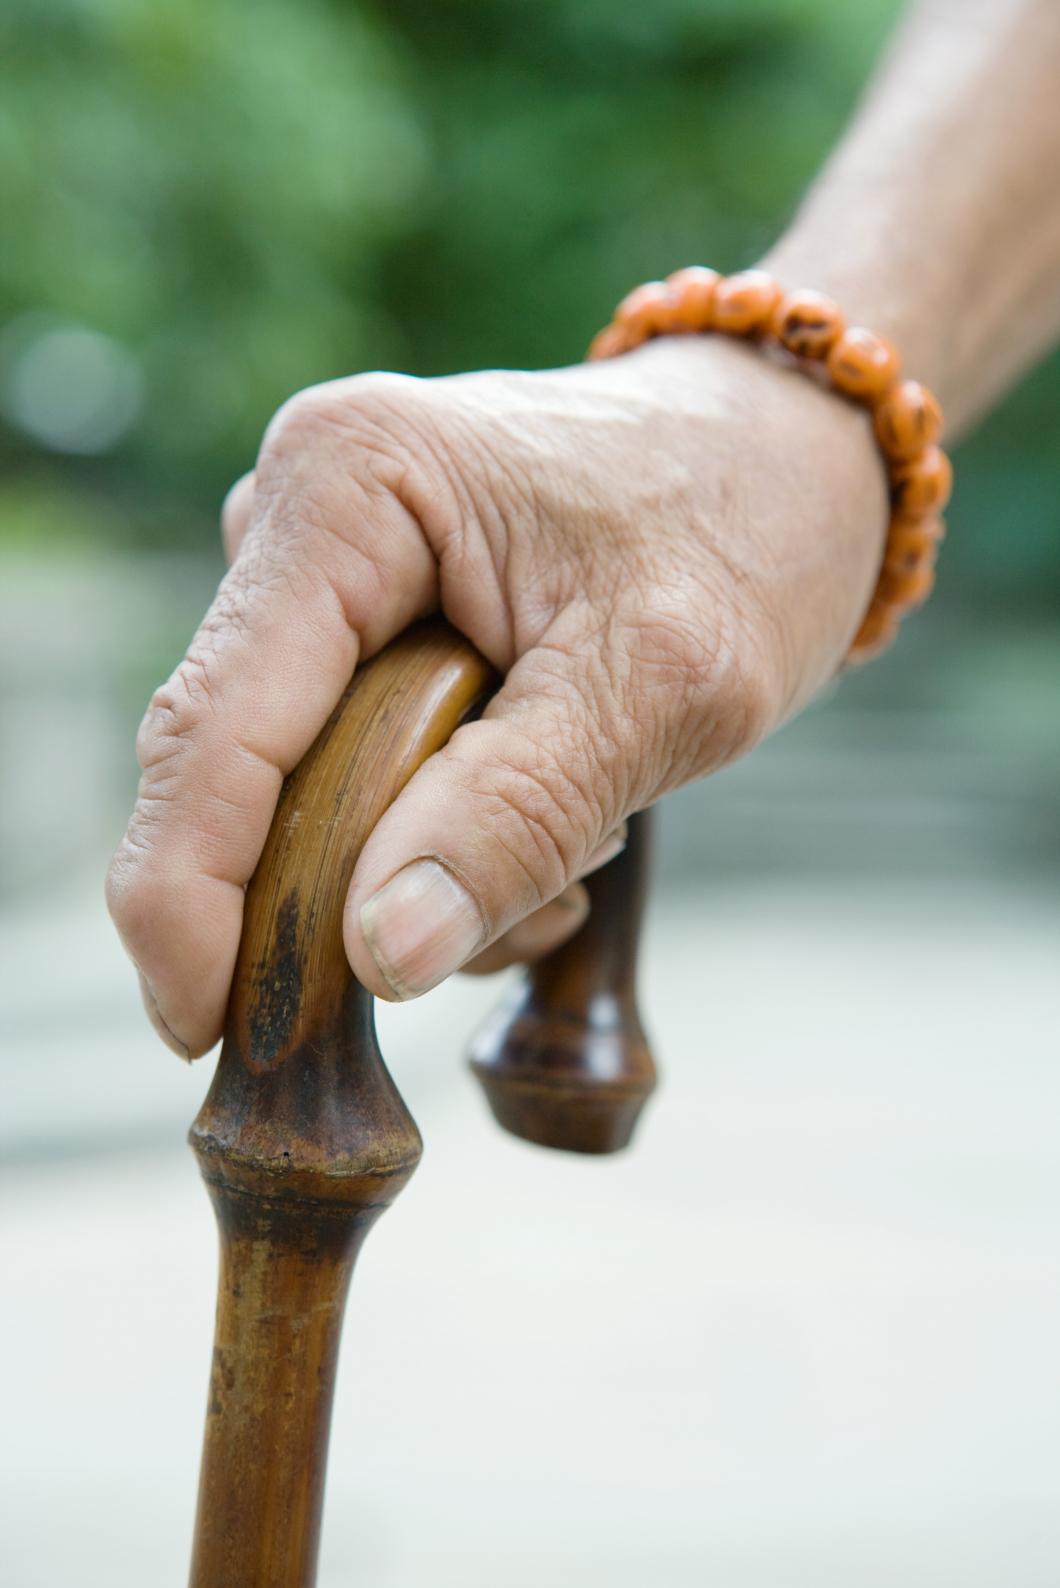 Svåra fallskador ökar bland äldre särskilt för kvinnor